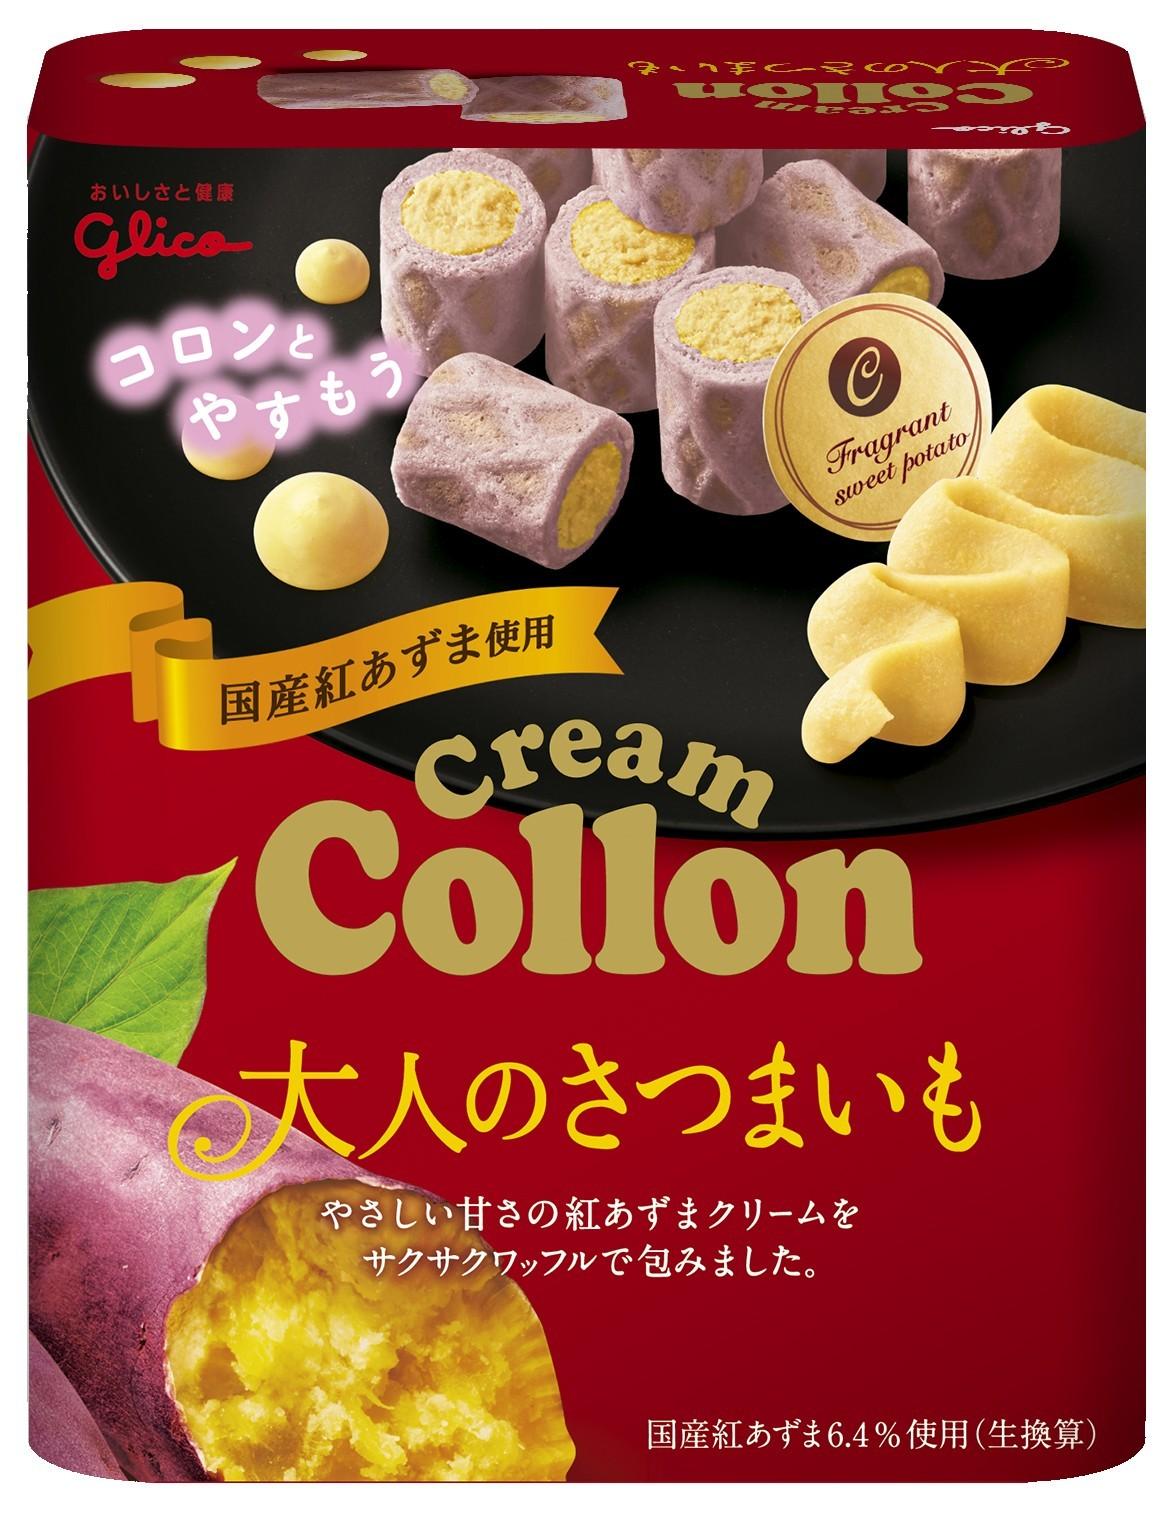 Fall snack cream collon